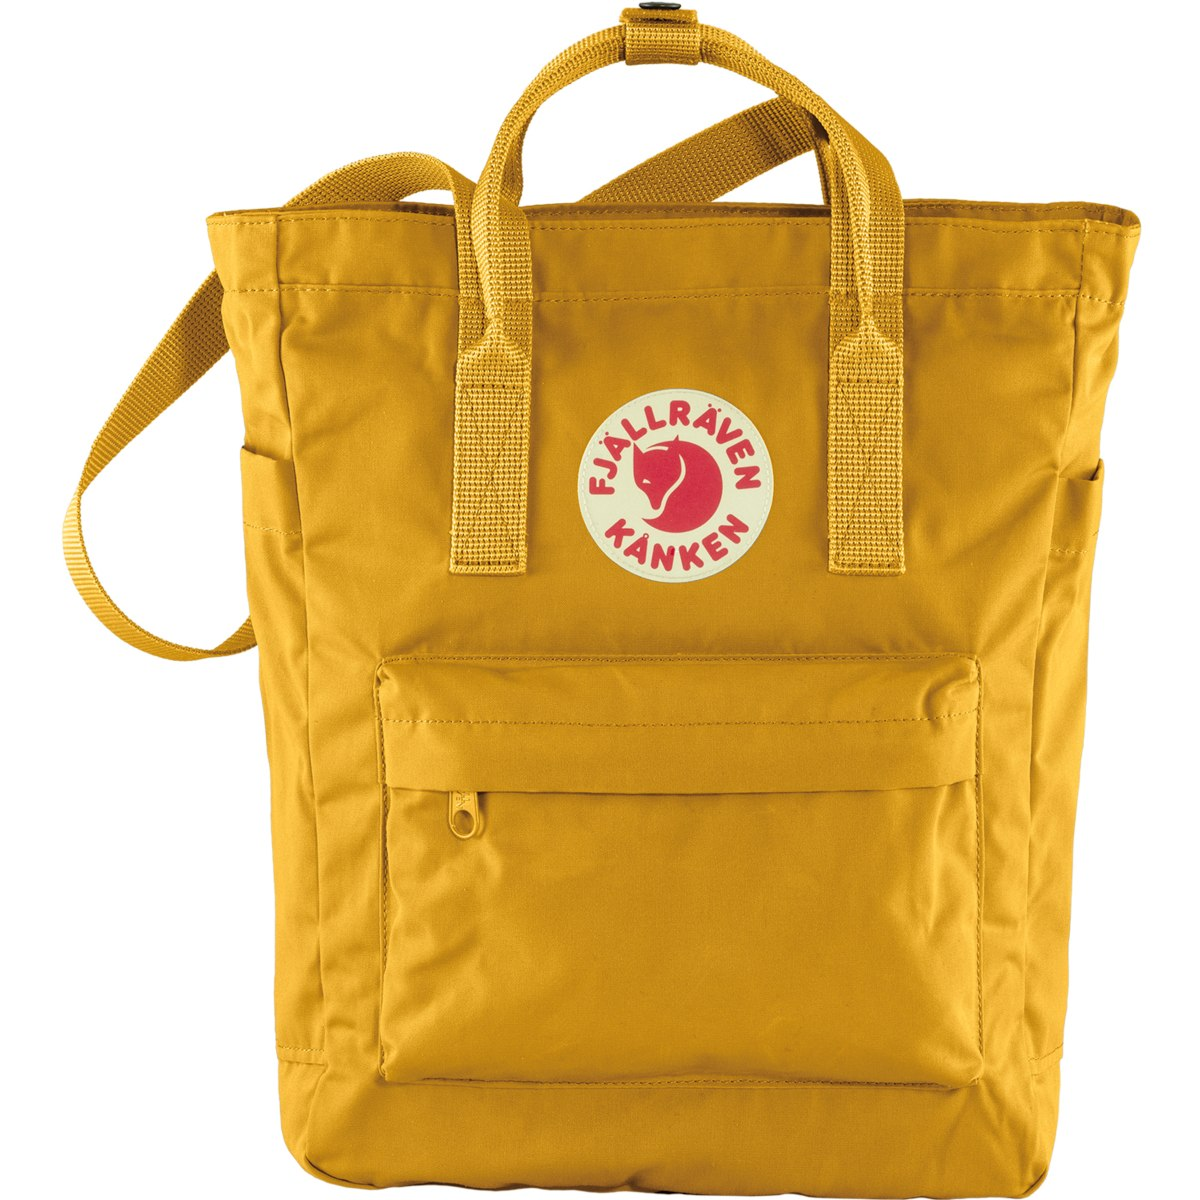 Fjällräven Kanken Totepack Bag - ochre